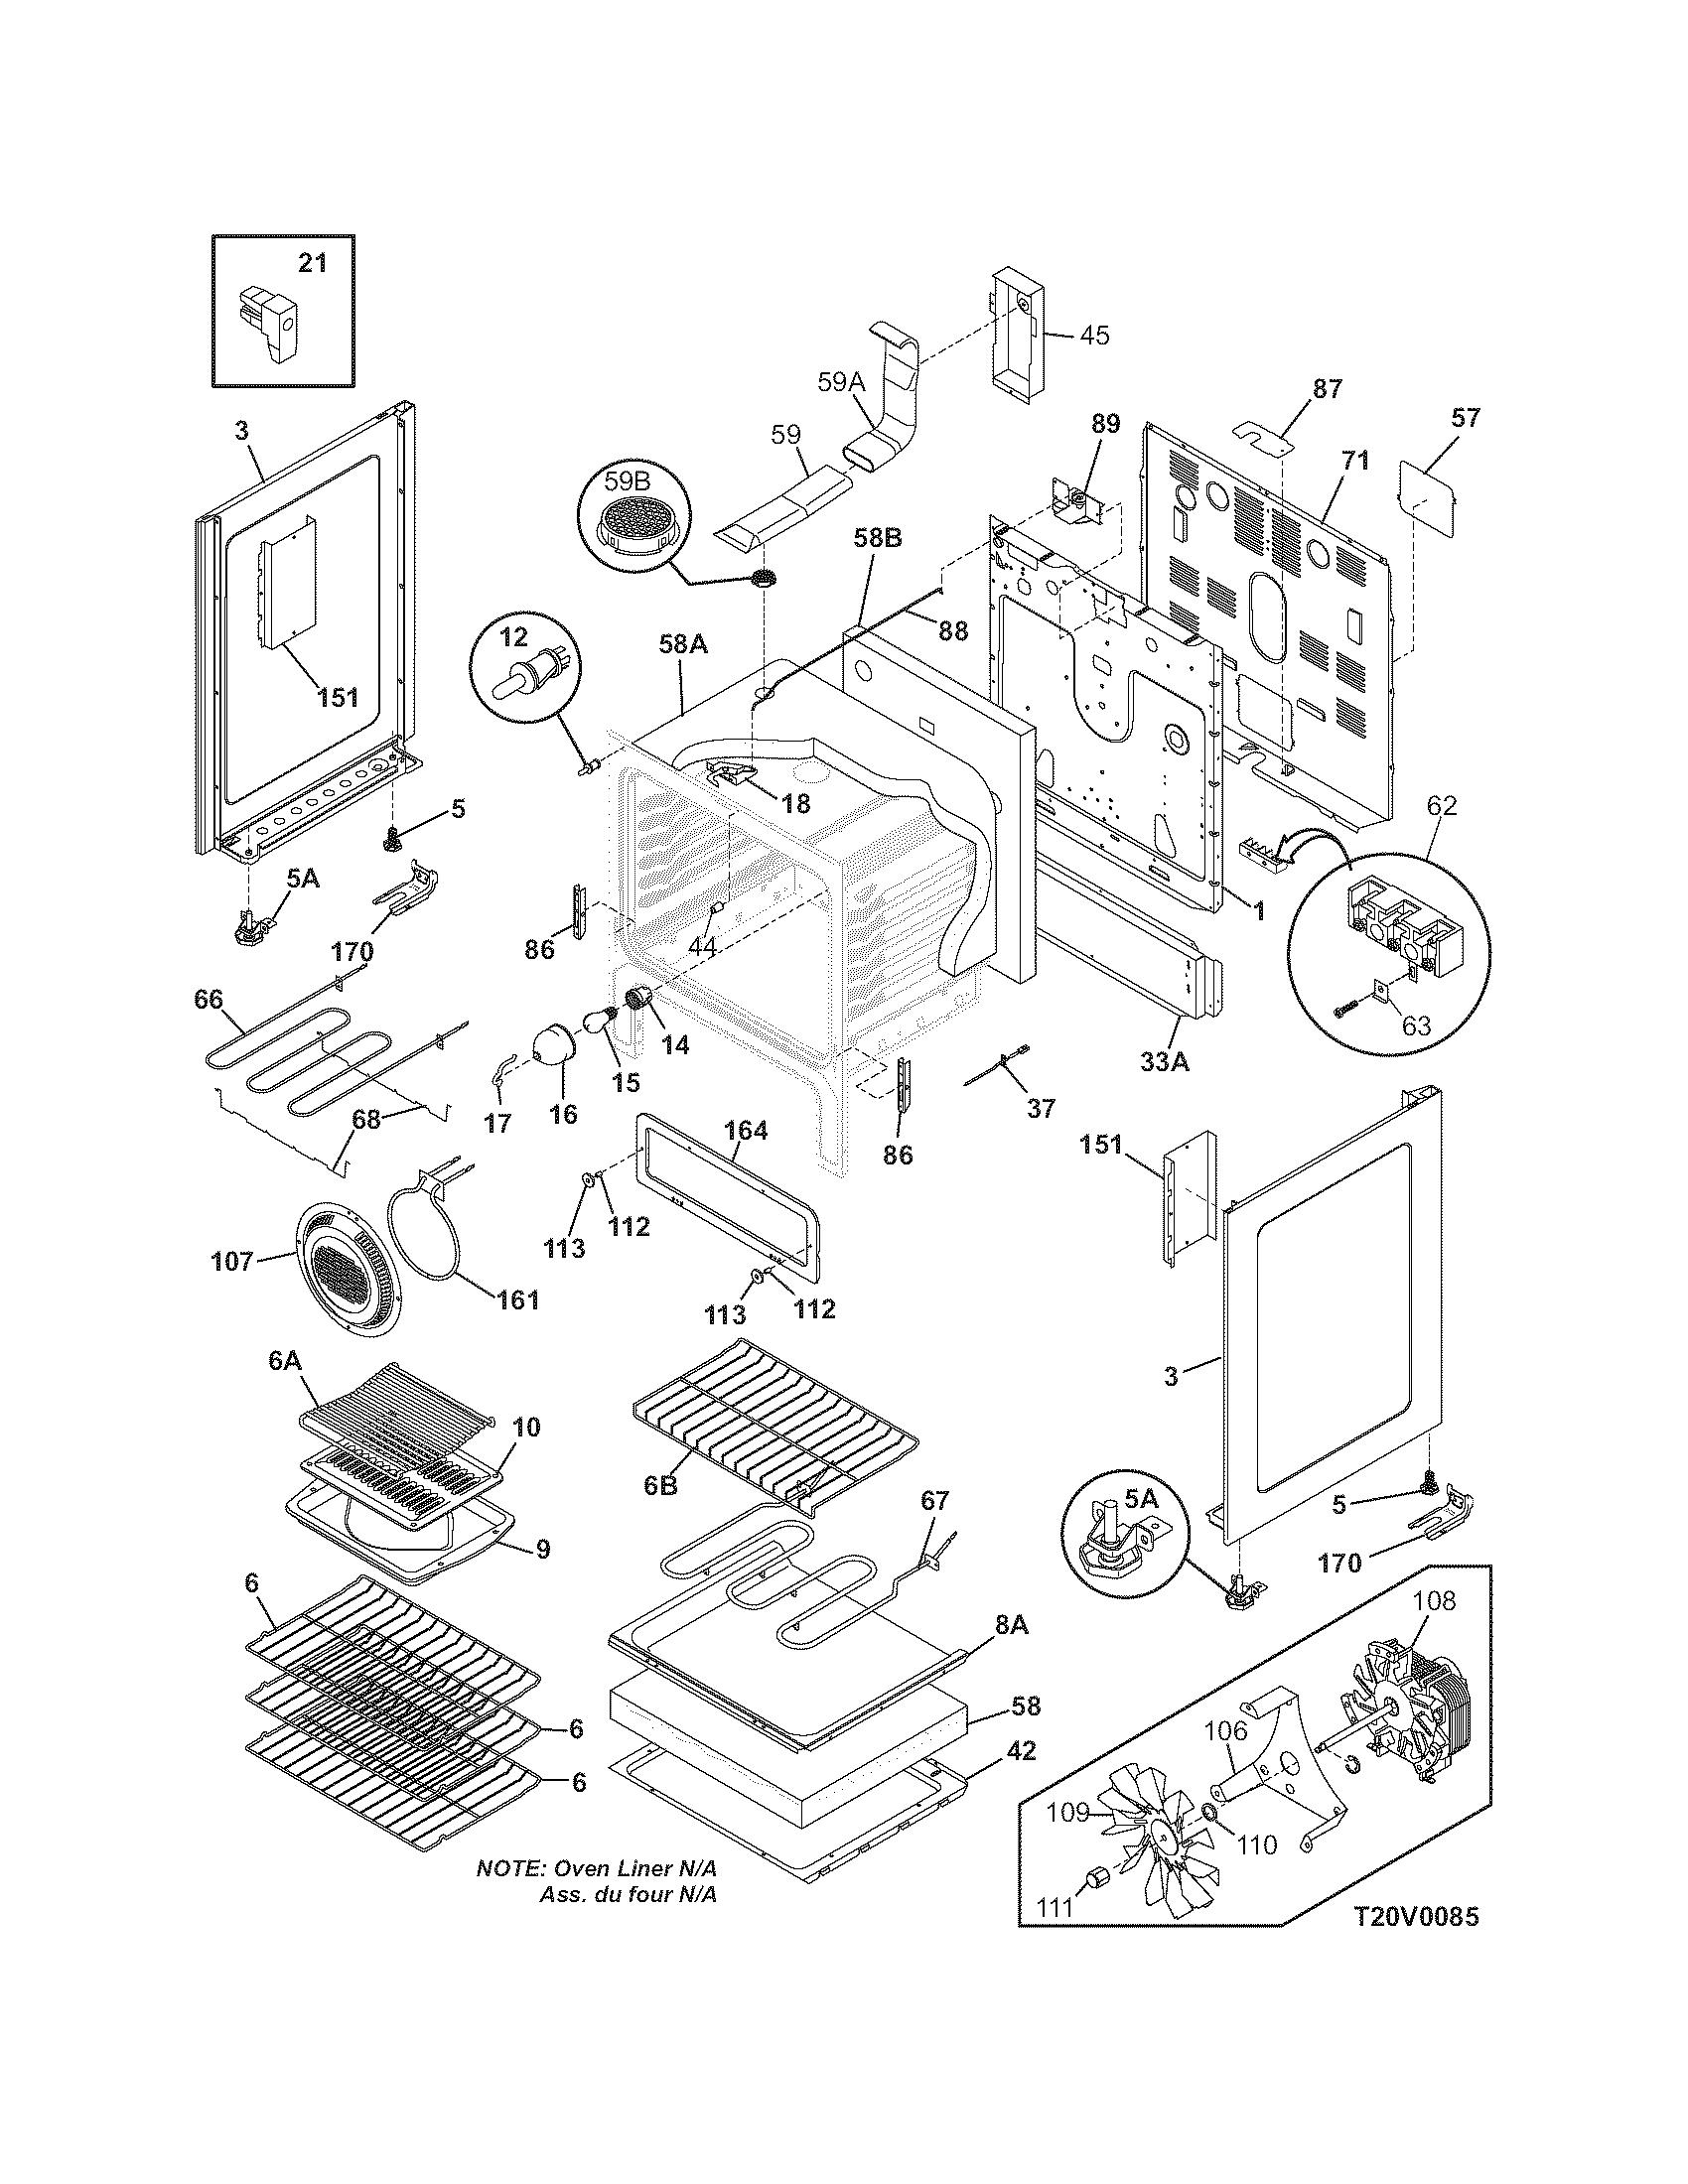 Rm2652 Wiring Schematics Dometic Schematic